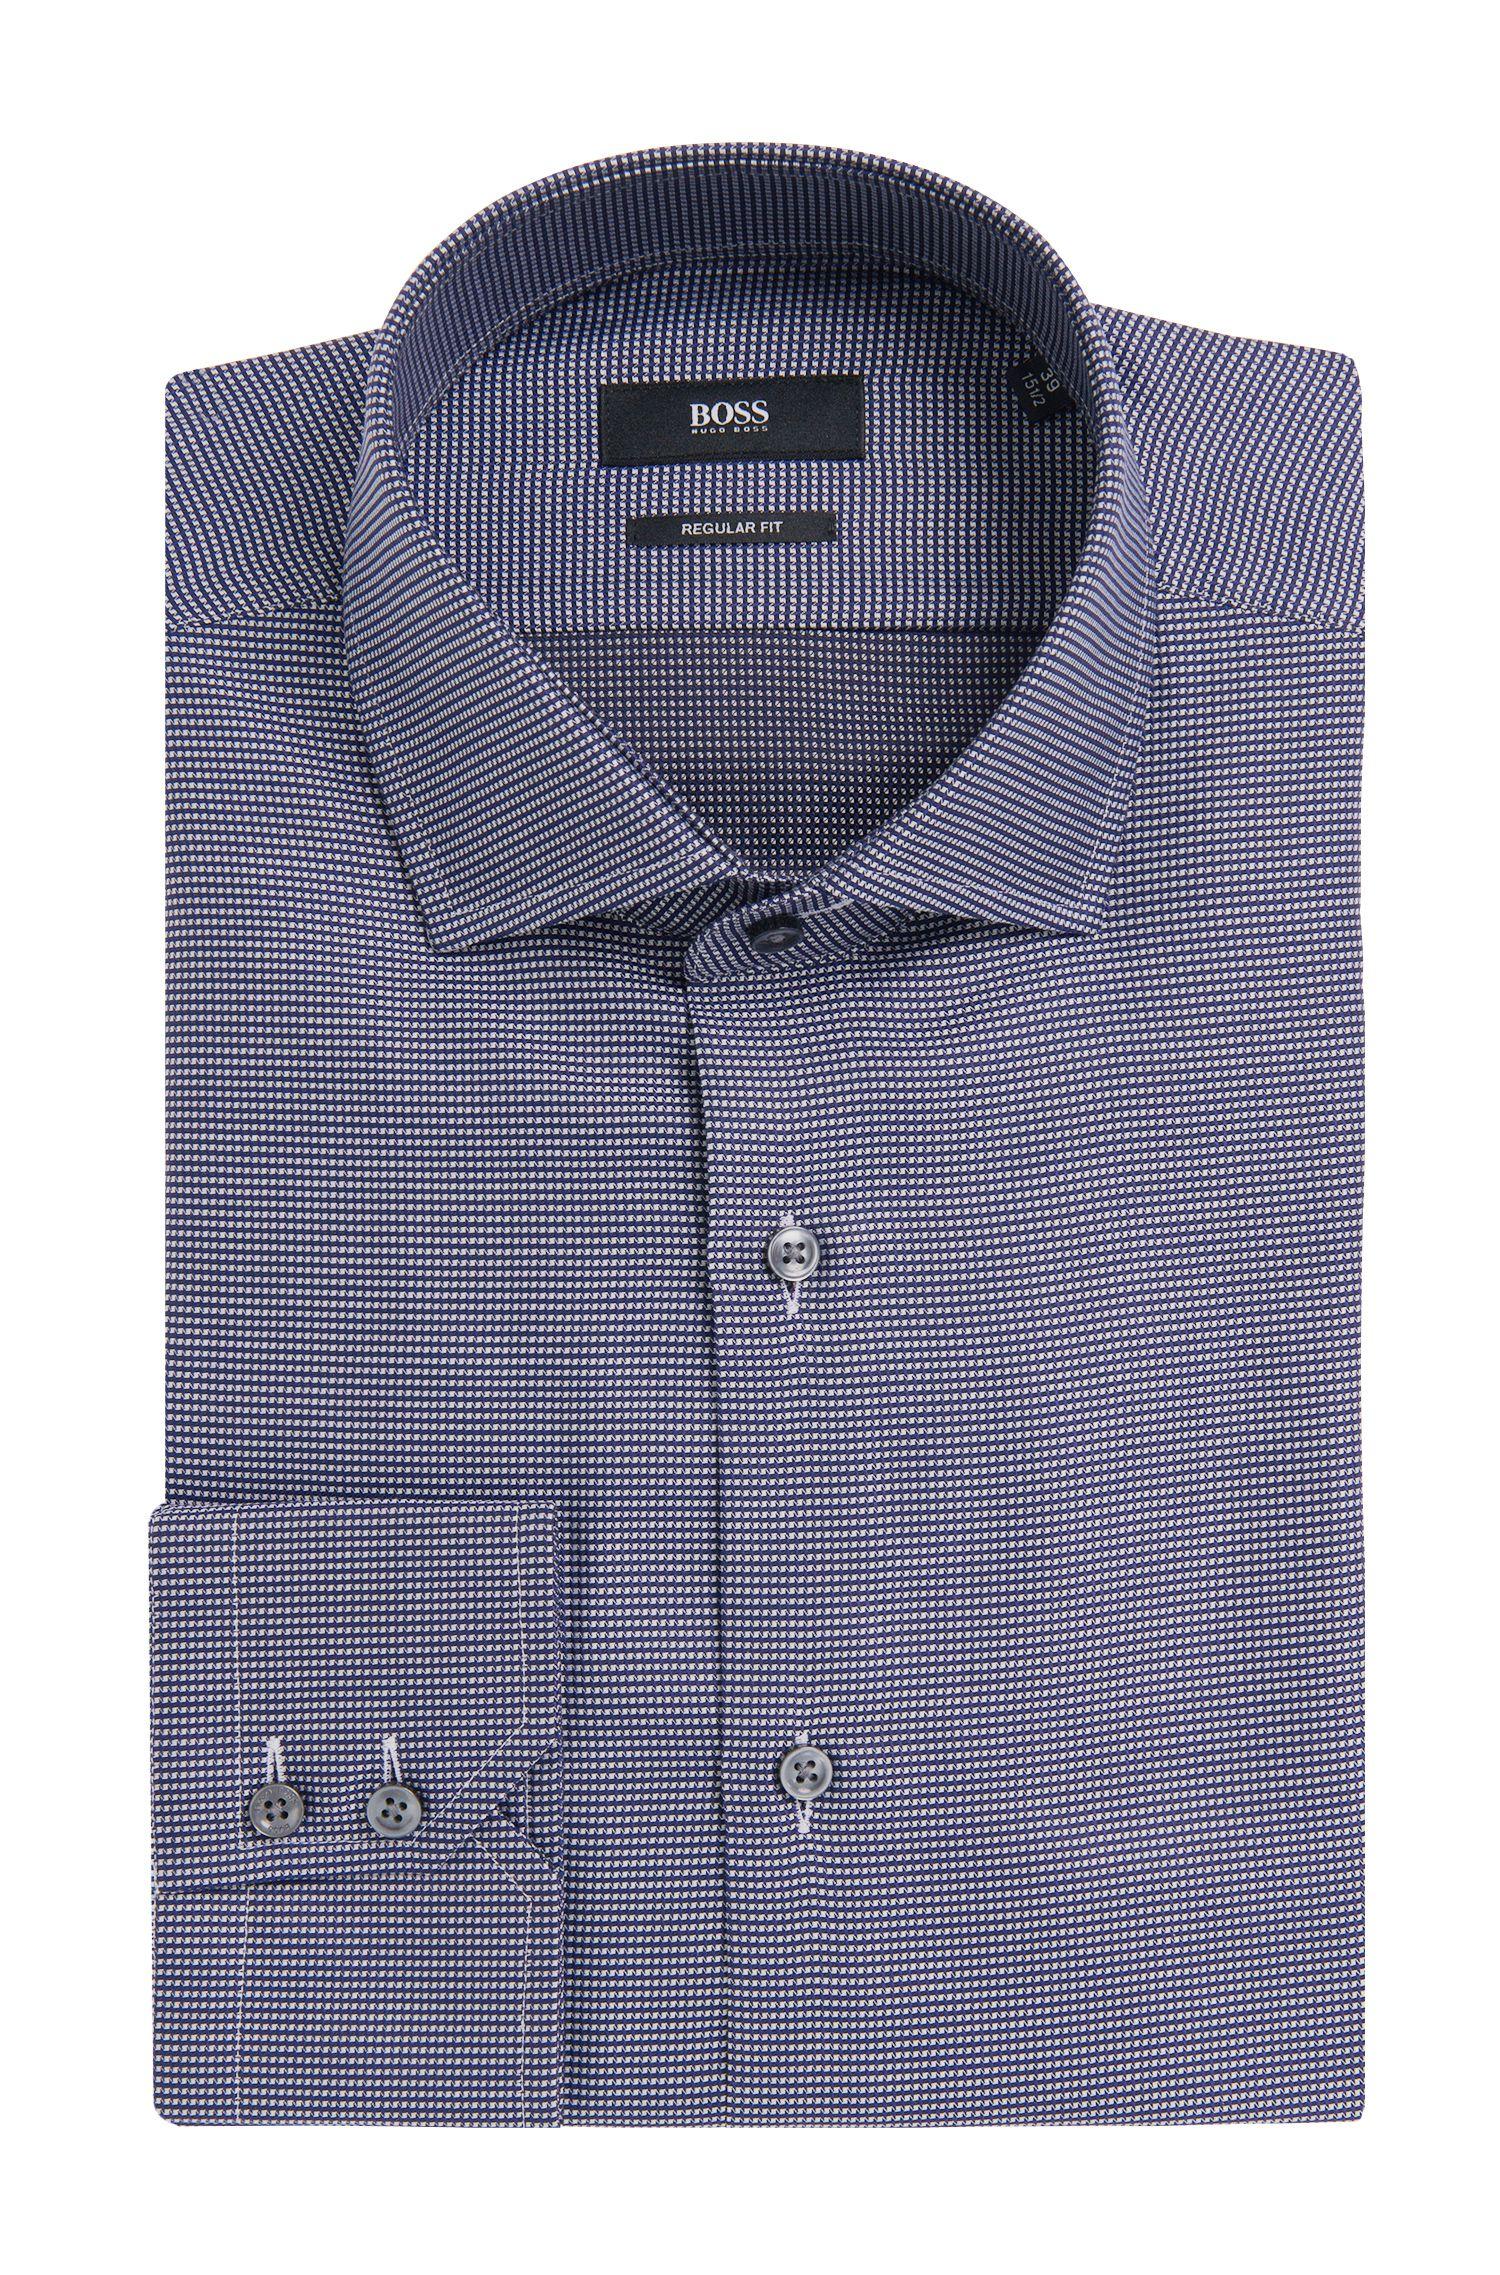 'Gordon' | Regular Fit, Cotton Dress Shirt